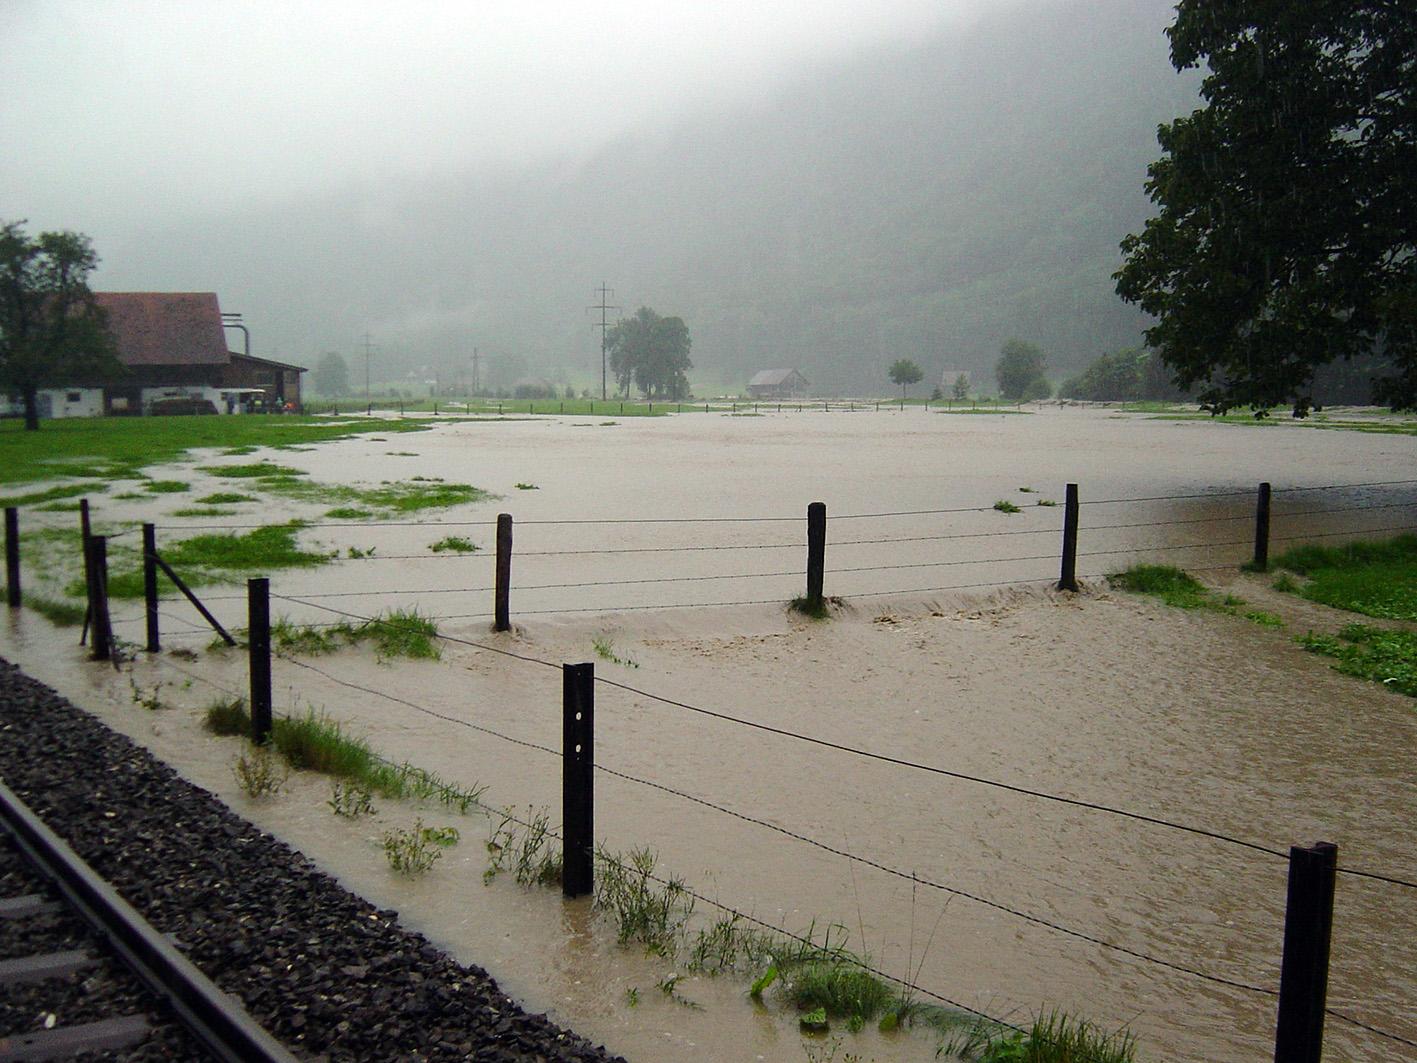 Hochwasser bei Wolfenschiessen am 22. August 2005 um 11 Uhr. Foto: Martin Trüssel